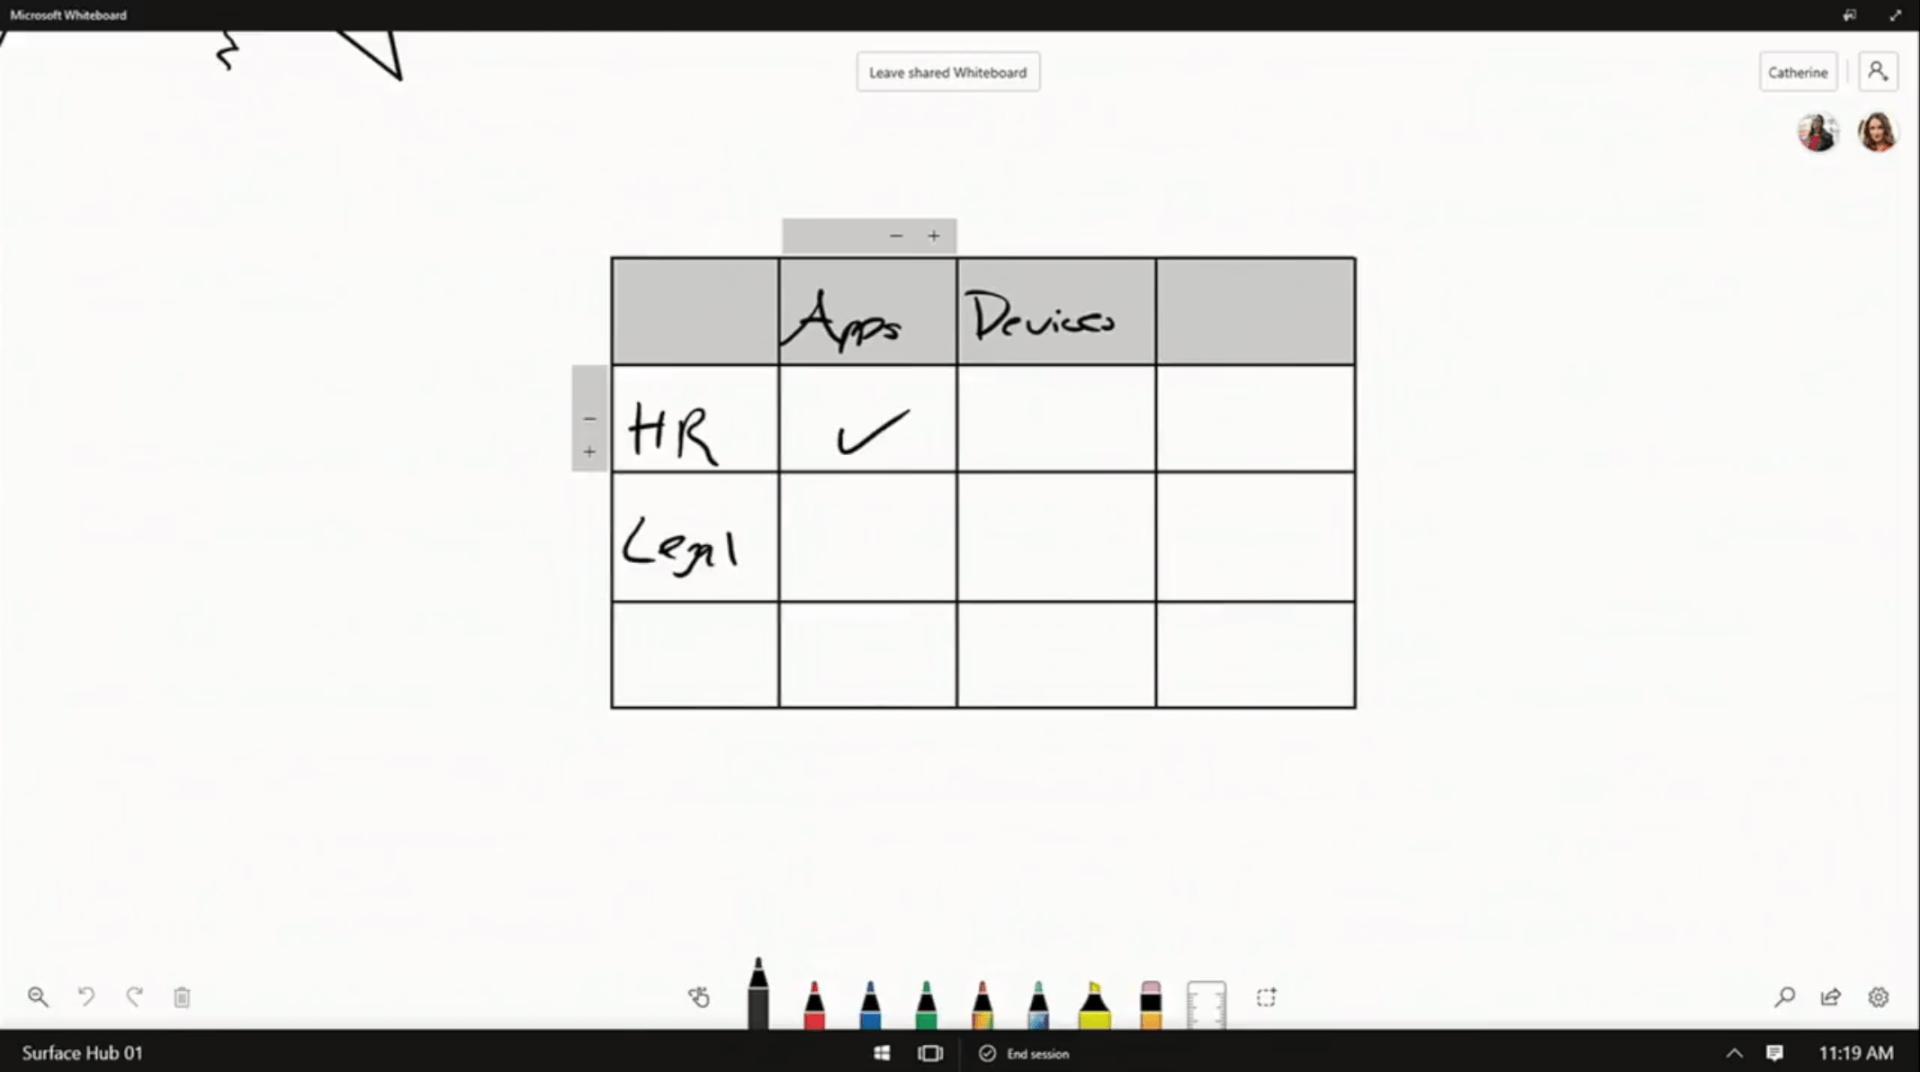 Texte de remplacement généré par une machine: Leave sh•ted WMeb0&d Surface Hub 01 11:19 AM